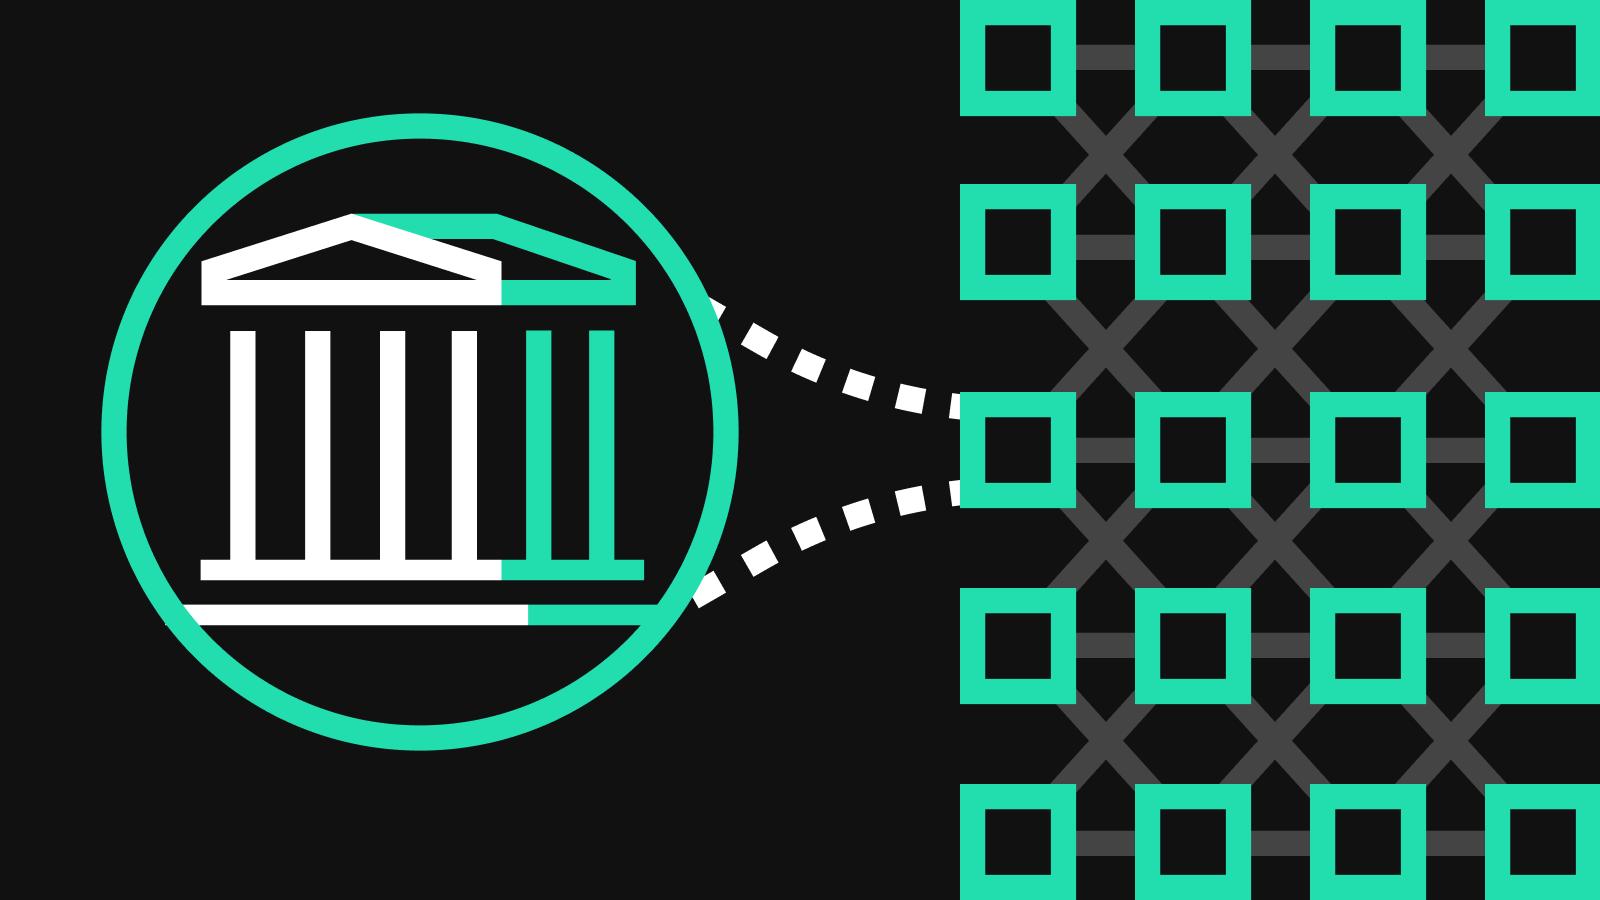 Hướng dẫn hoàn chỉnh về tài chính phi tập trung (DeFi) dành cho ...